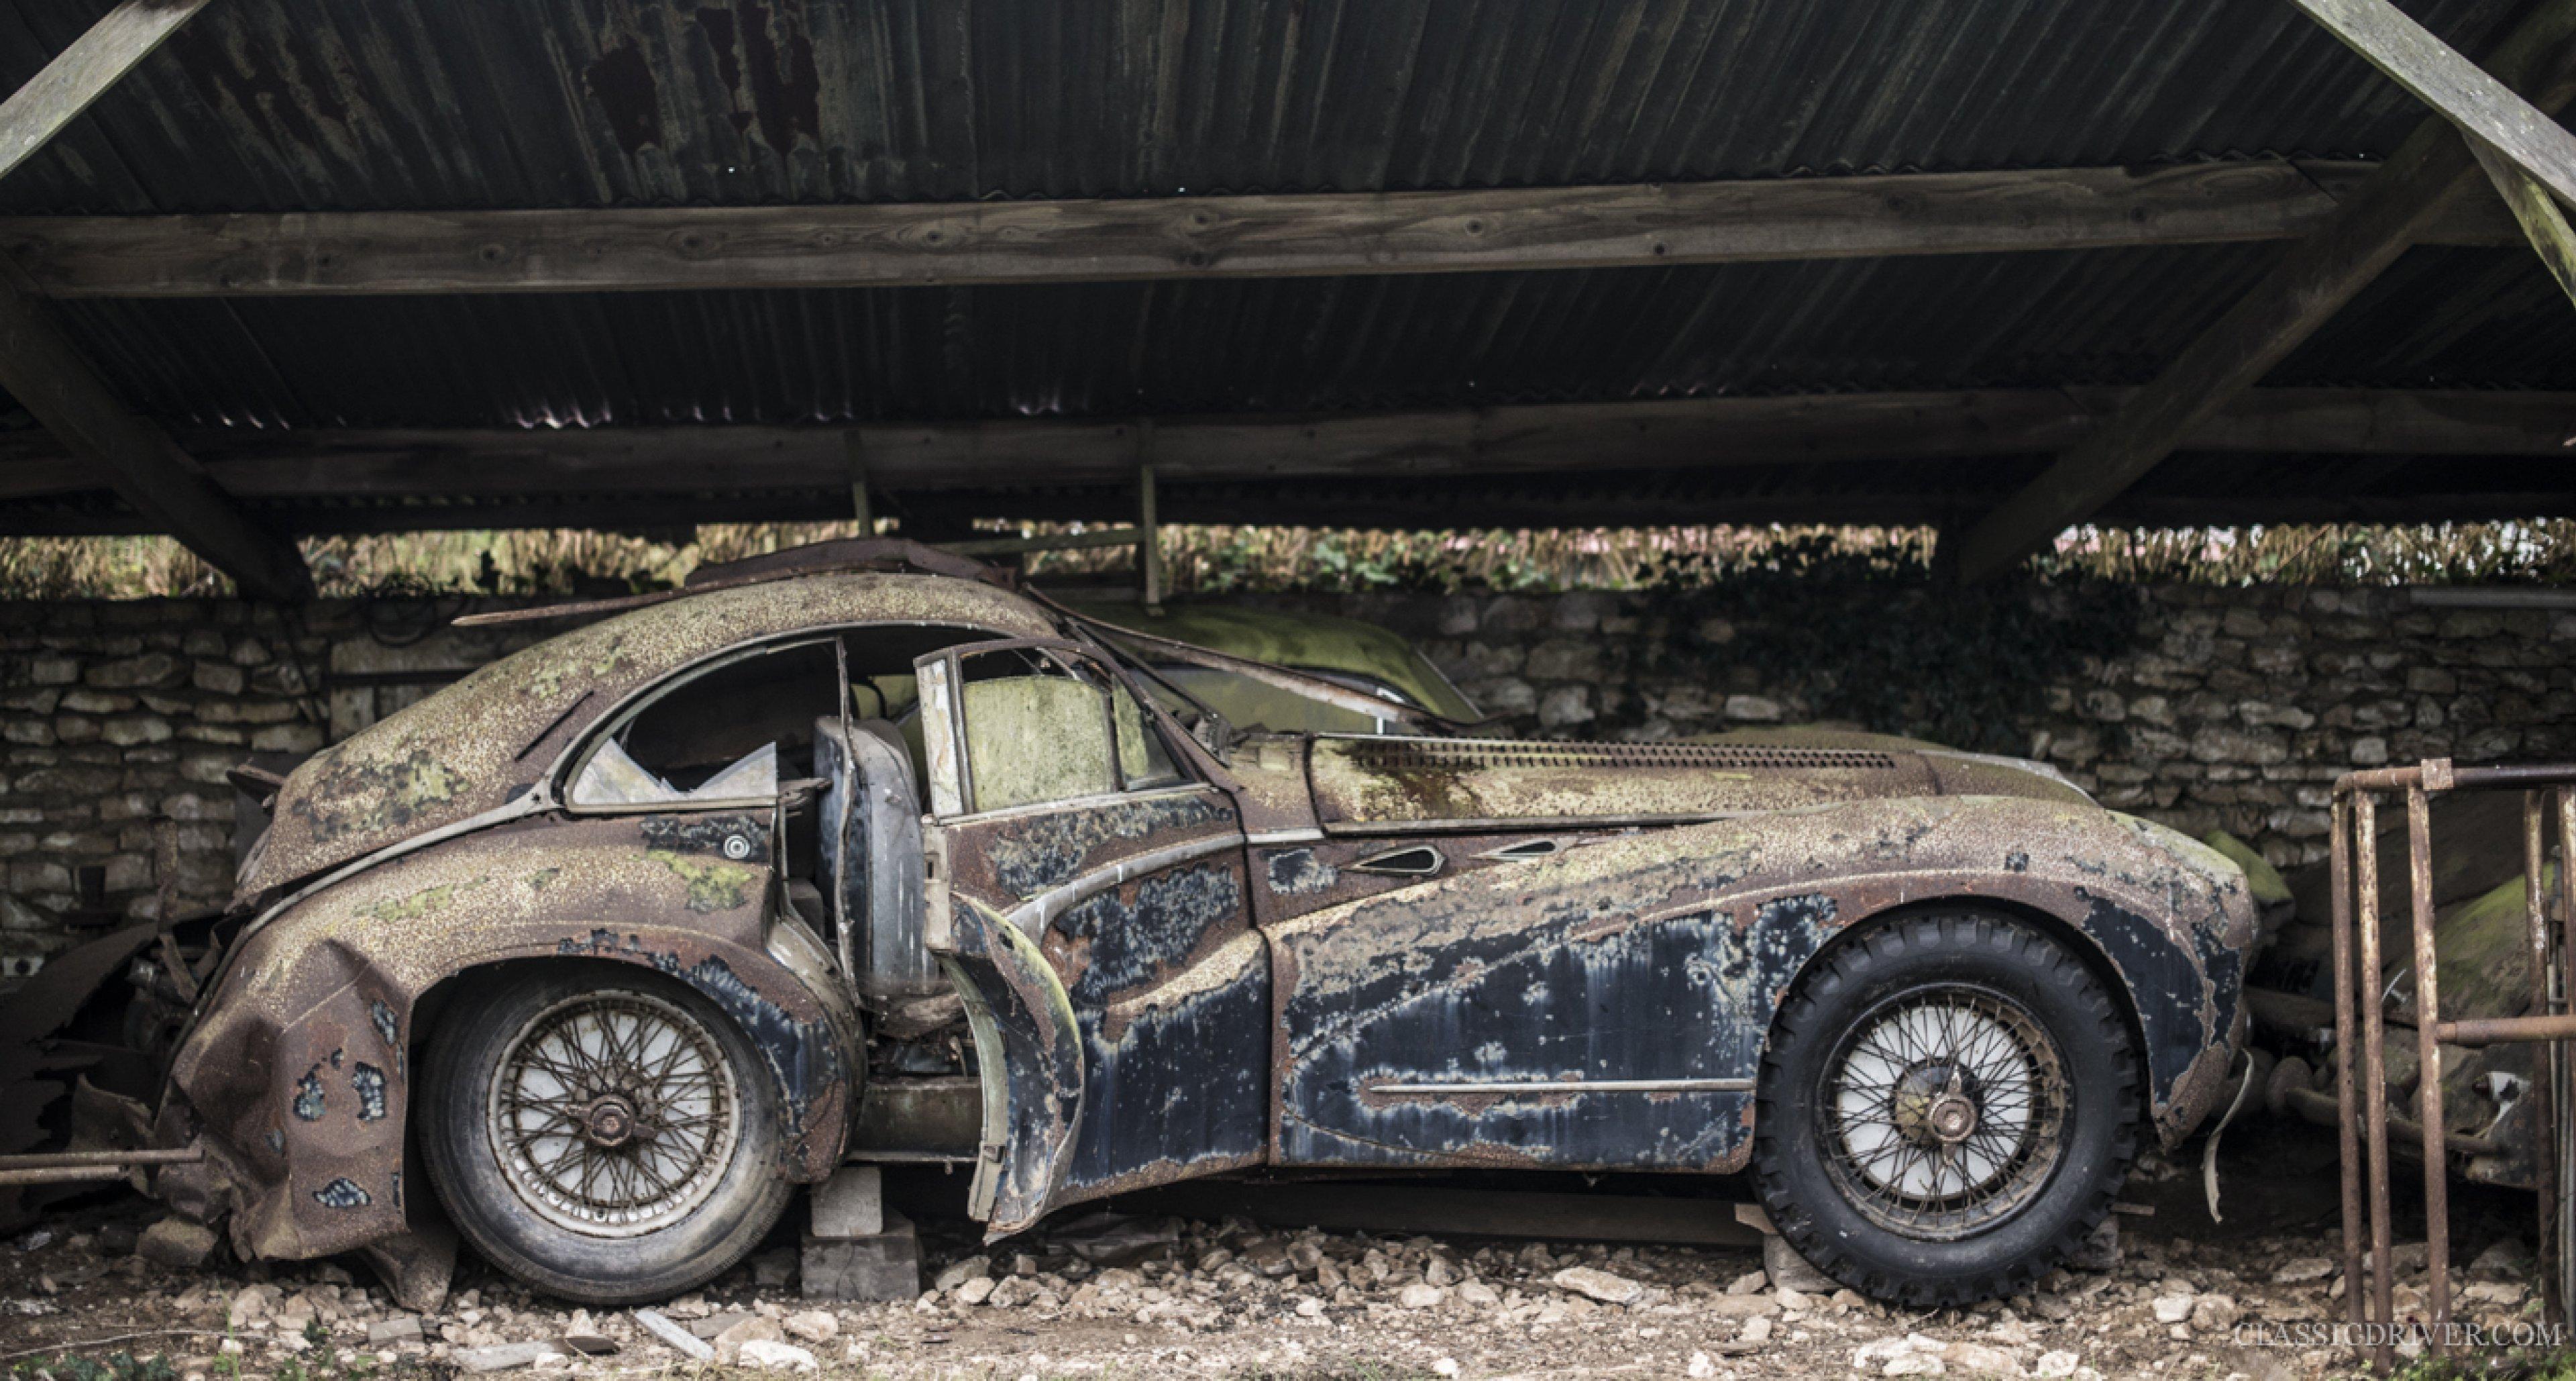 Exclusive Treasure Trove Of 60 Barn Finds Includes Lost Ferrari 250 GT SWB California Spider